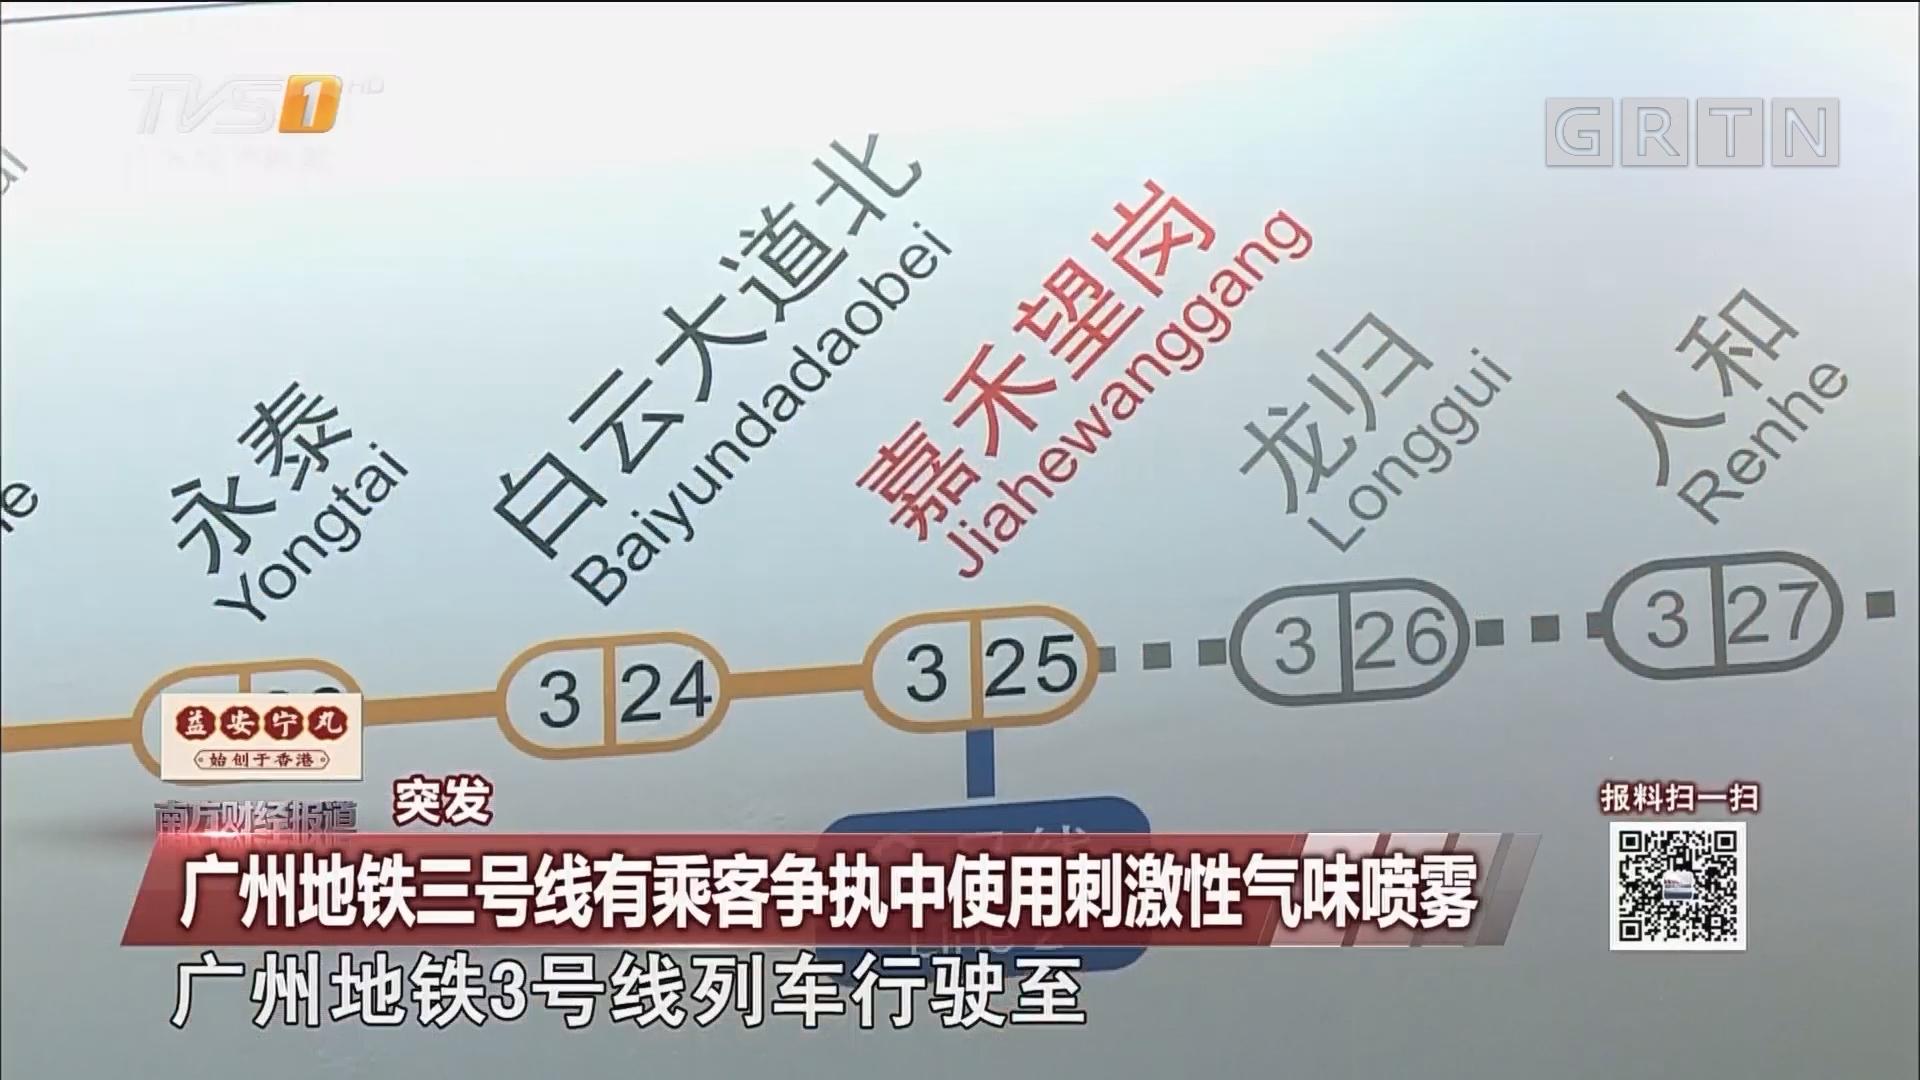 突发:广州地铁三号线有乘客争执中使用刺激性气味喷雾